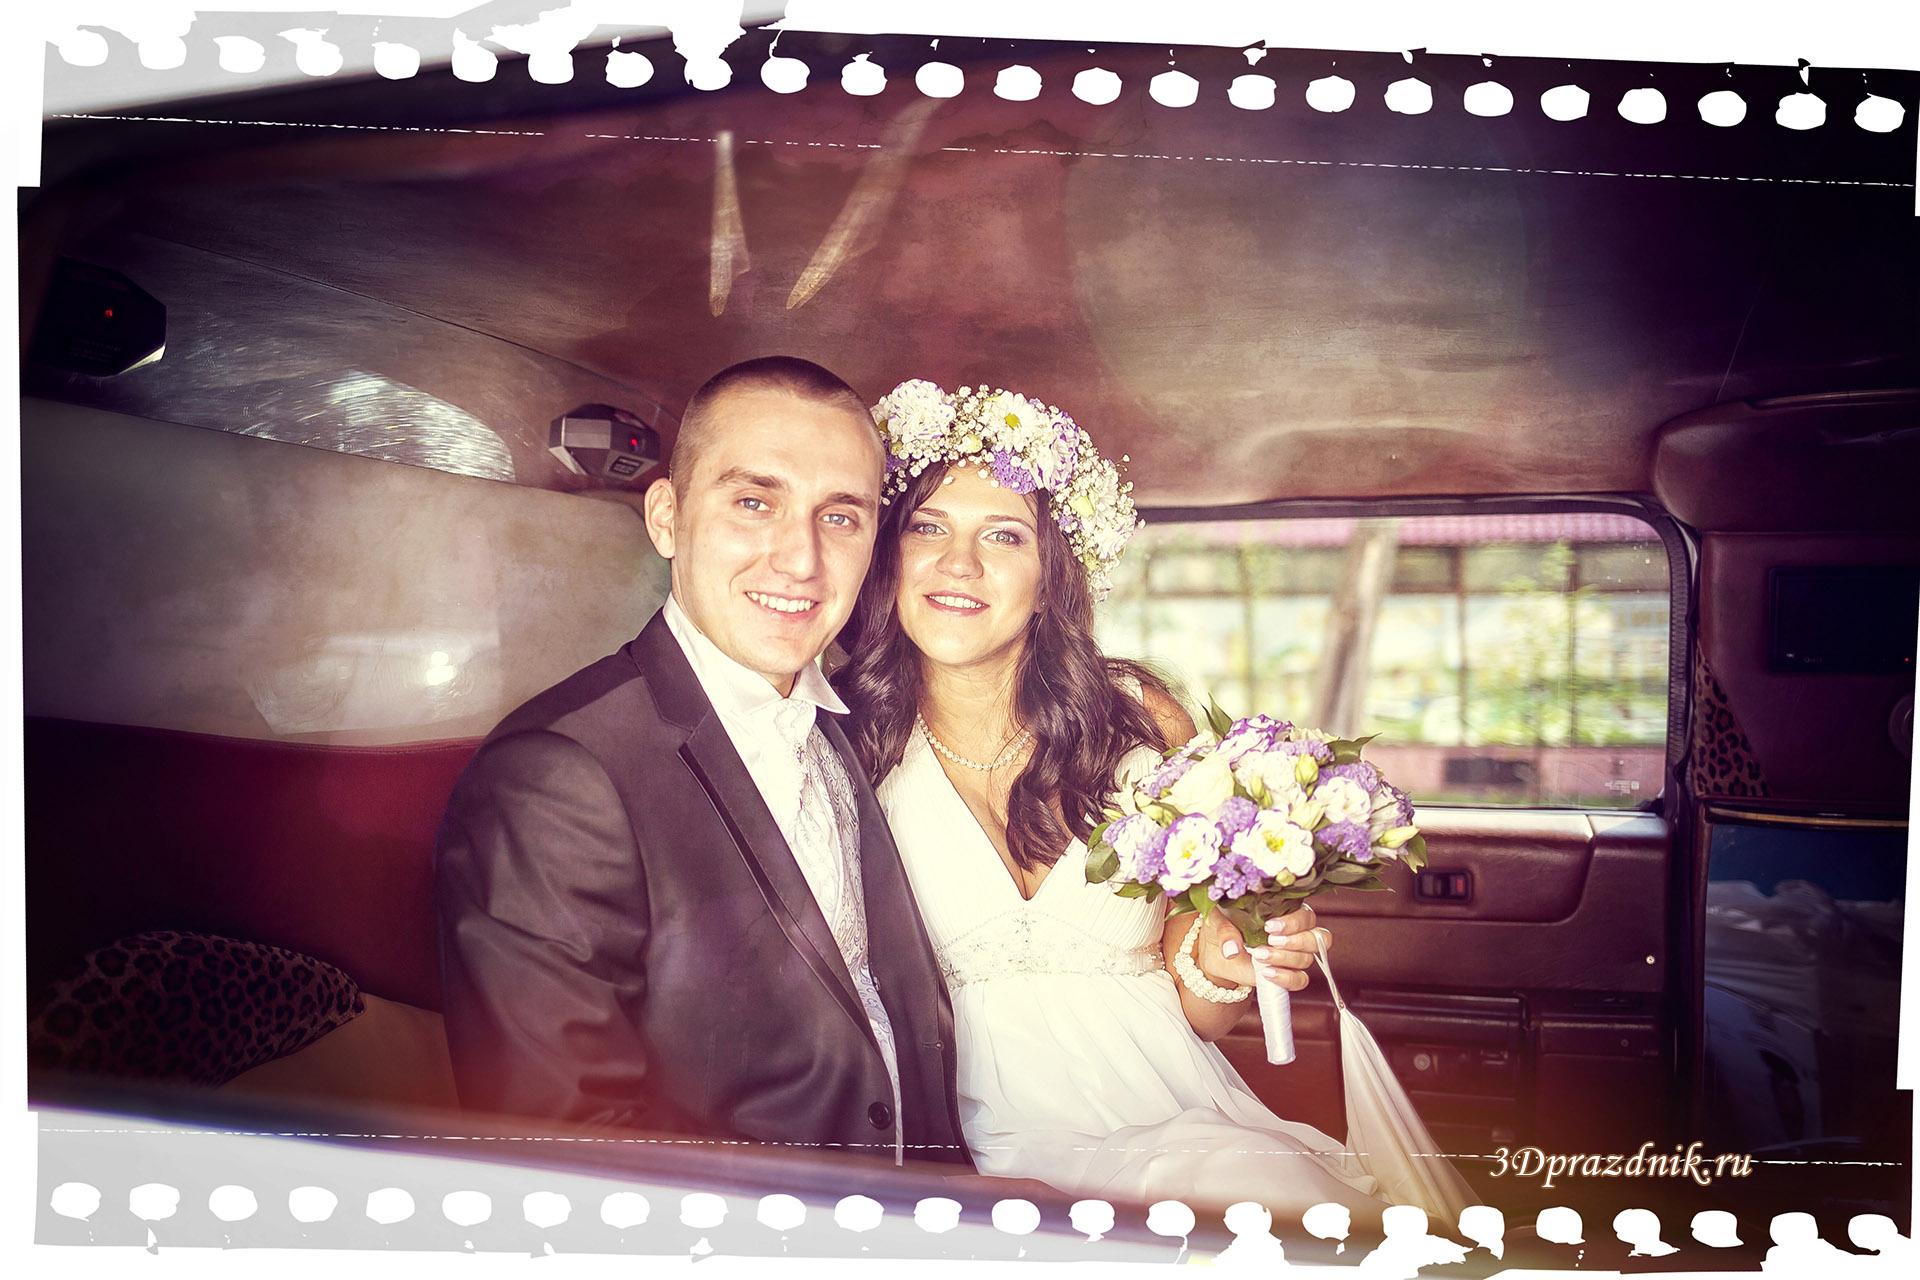 Денис и Елена в лимузине